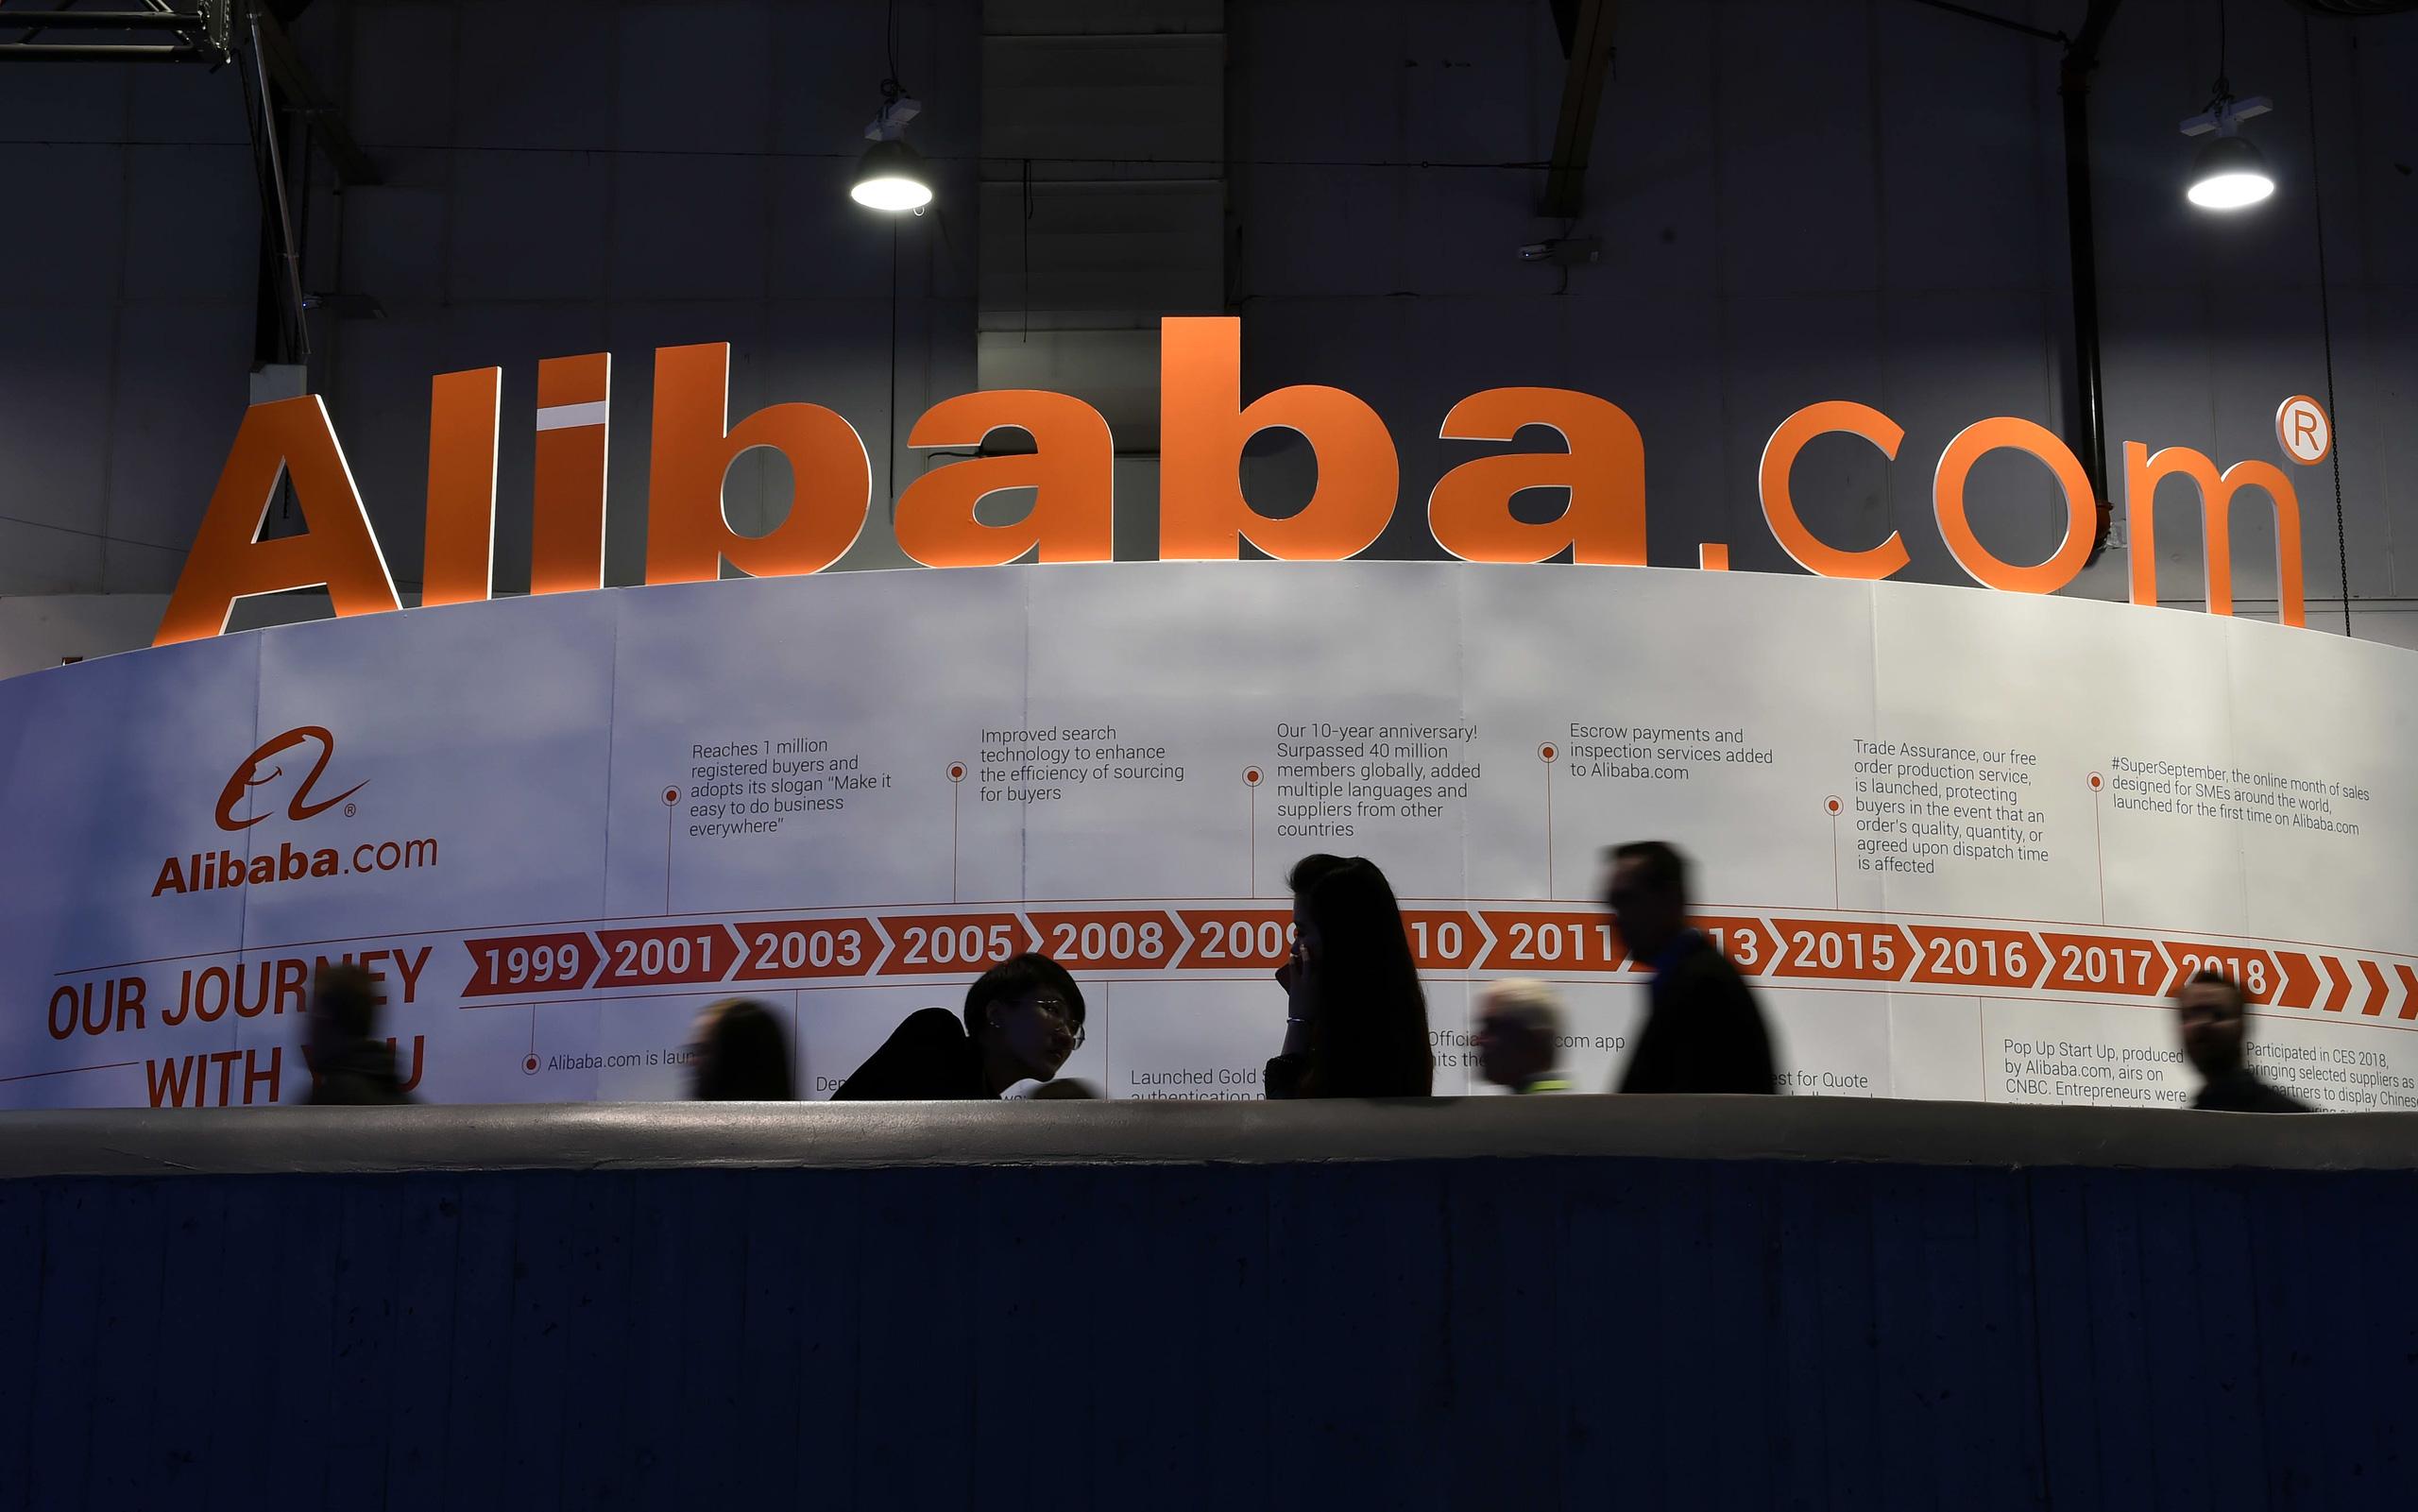 Cổ phiếu Alibaba giảm mạnh bất chấp chương trình mua lại cổ phiếu trị giá 10 tỷ USD - Ảnh 1.